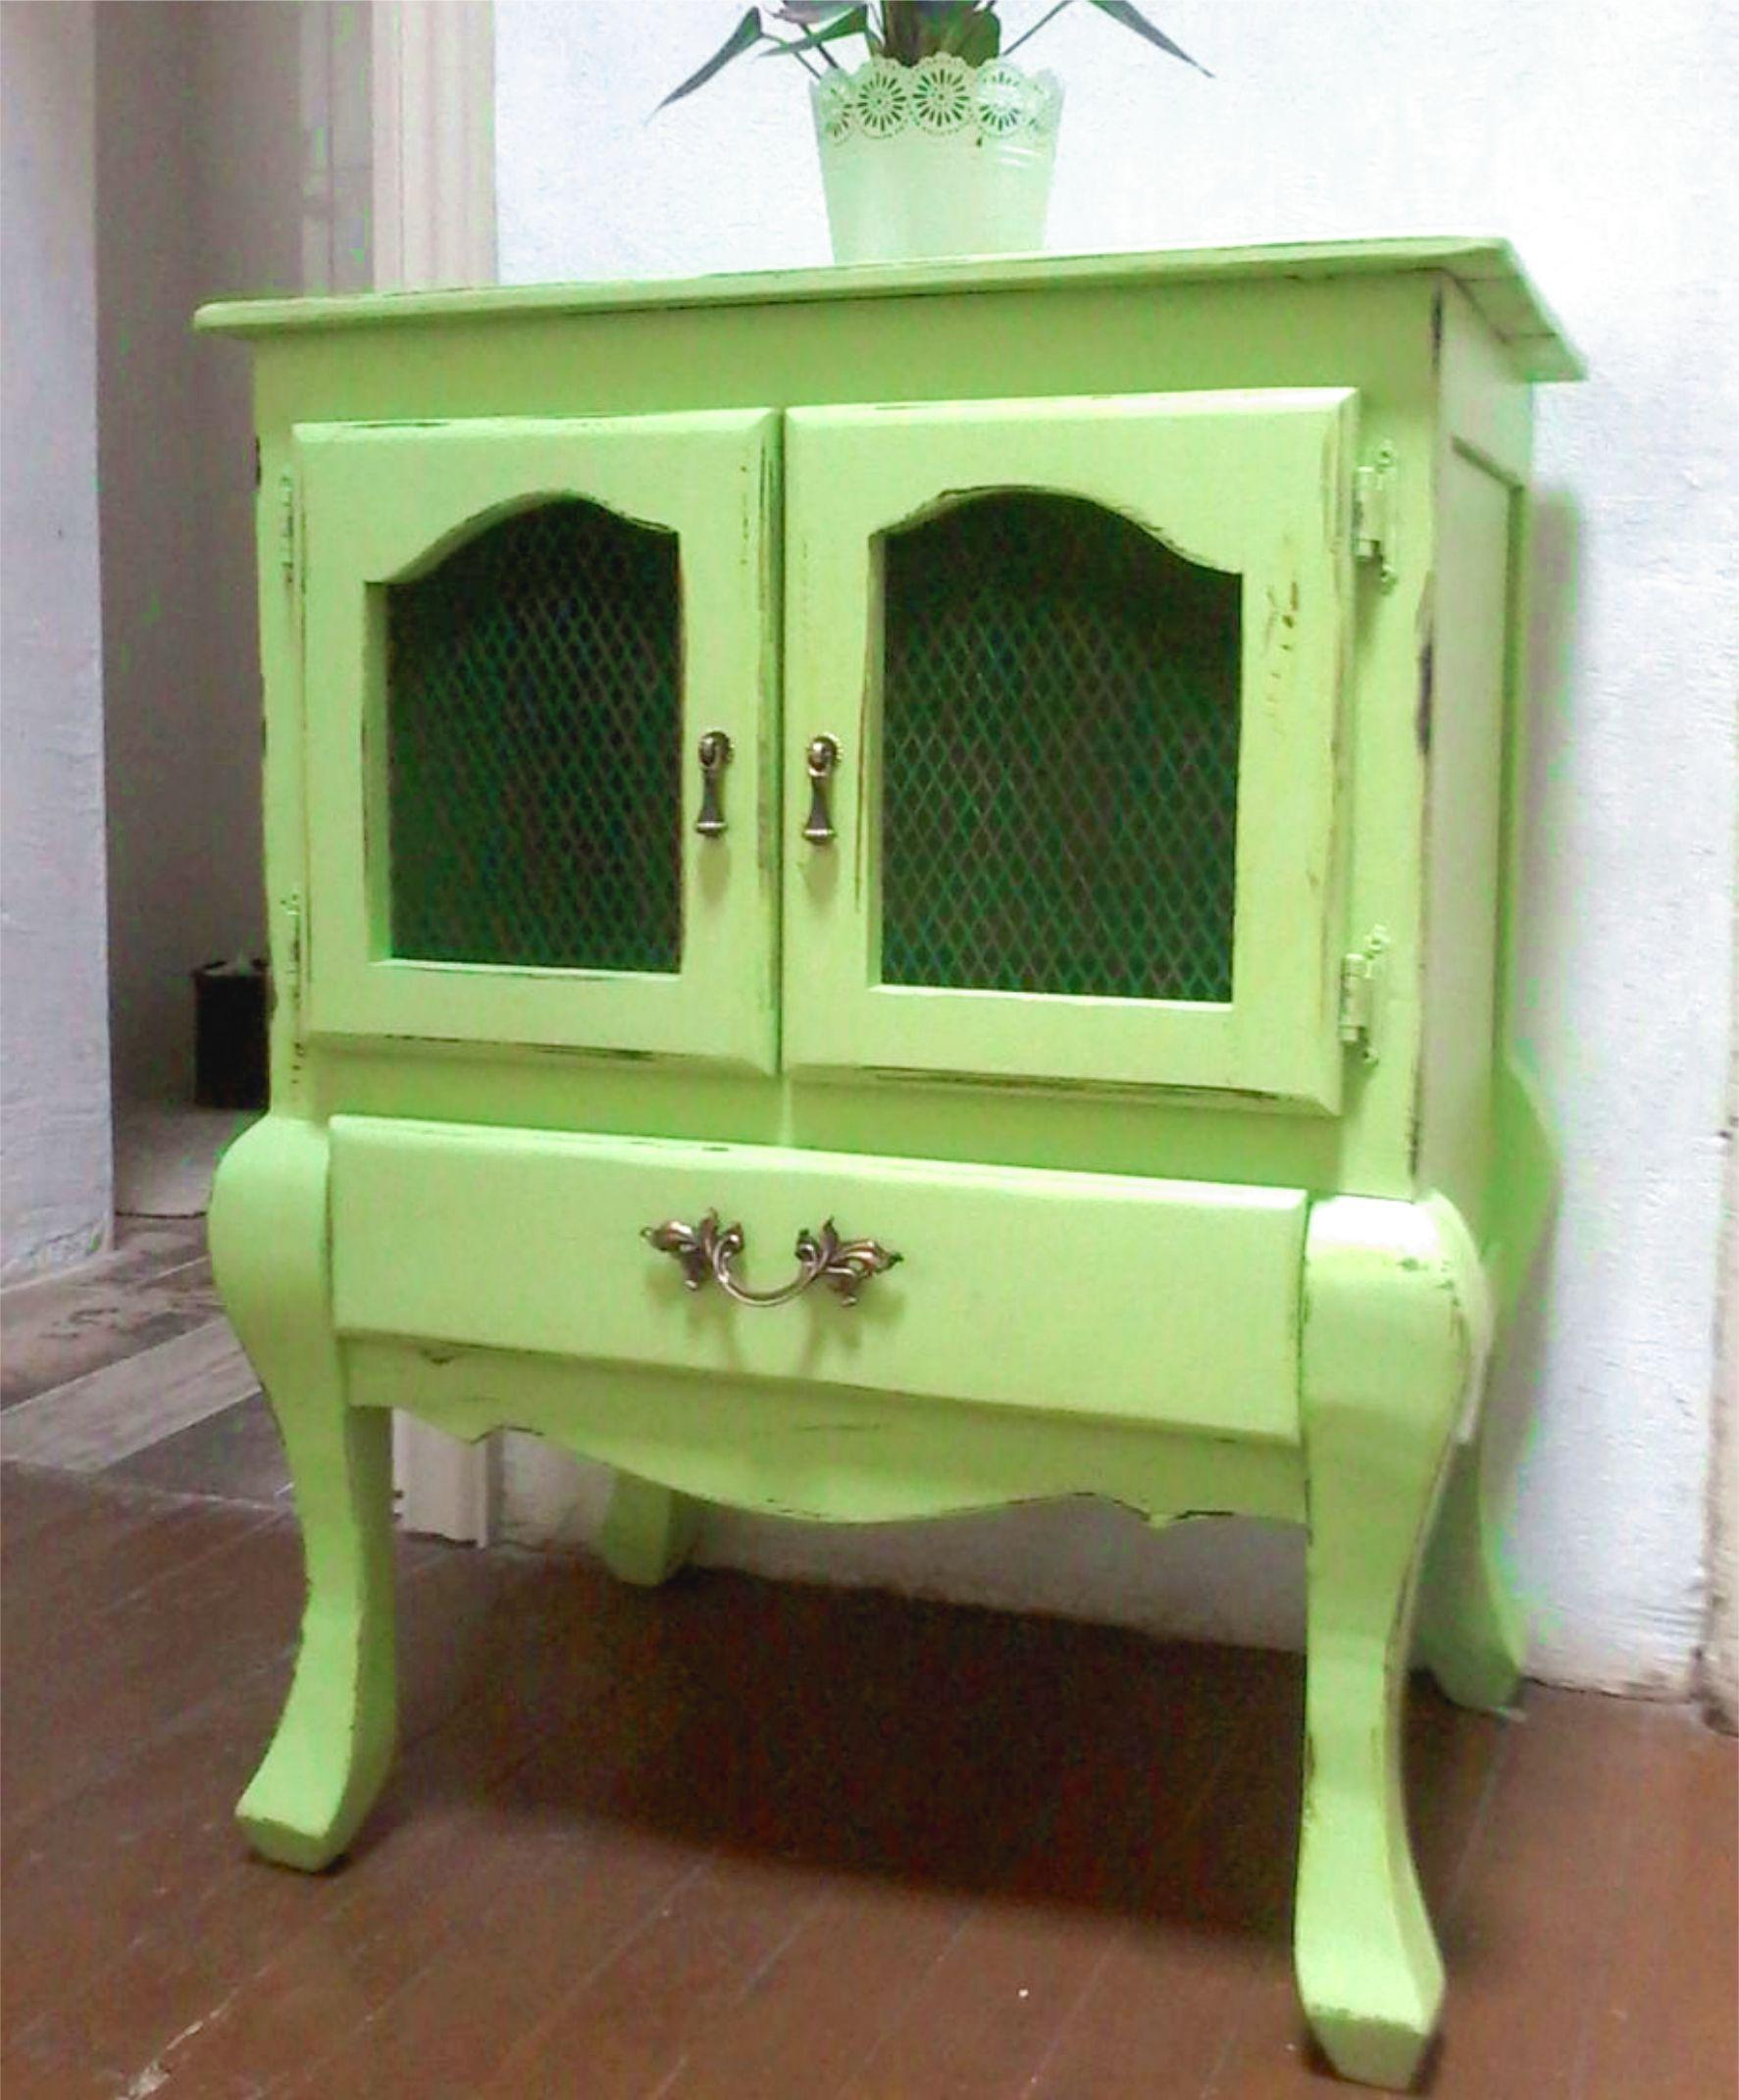 Muebles Retro Puebla - Cu Ntanos Tu Proyecto Nosotros Lo Fabricamos Env Os A Toda La [mjhdah]http://www.portobellostreet.es/imagenes_muebles/Muebles-Silla-Puebla-en-madera-natural.jpg